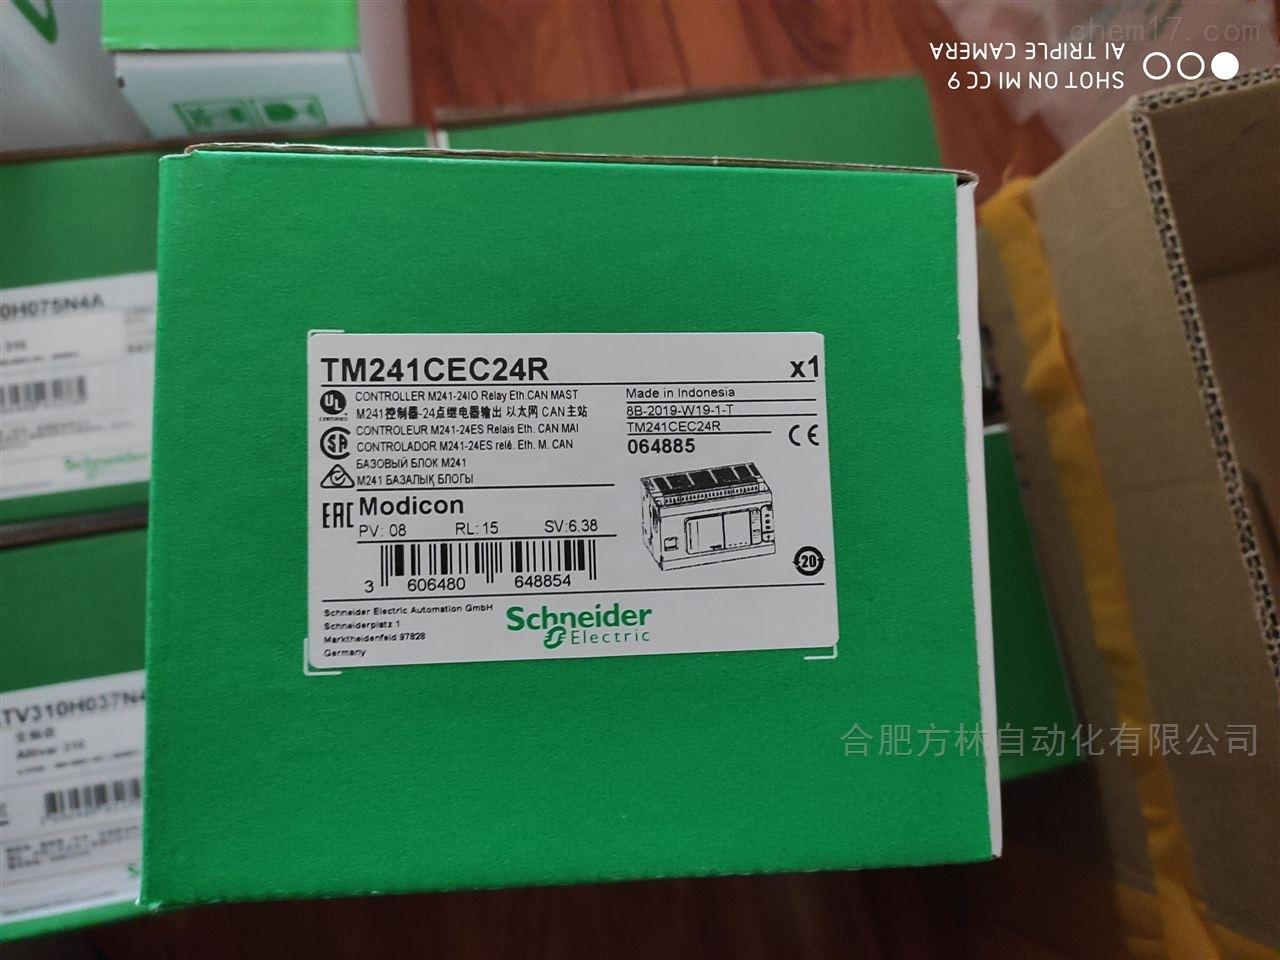 施耐德PLC控制器TM241CEC24R